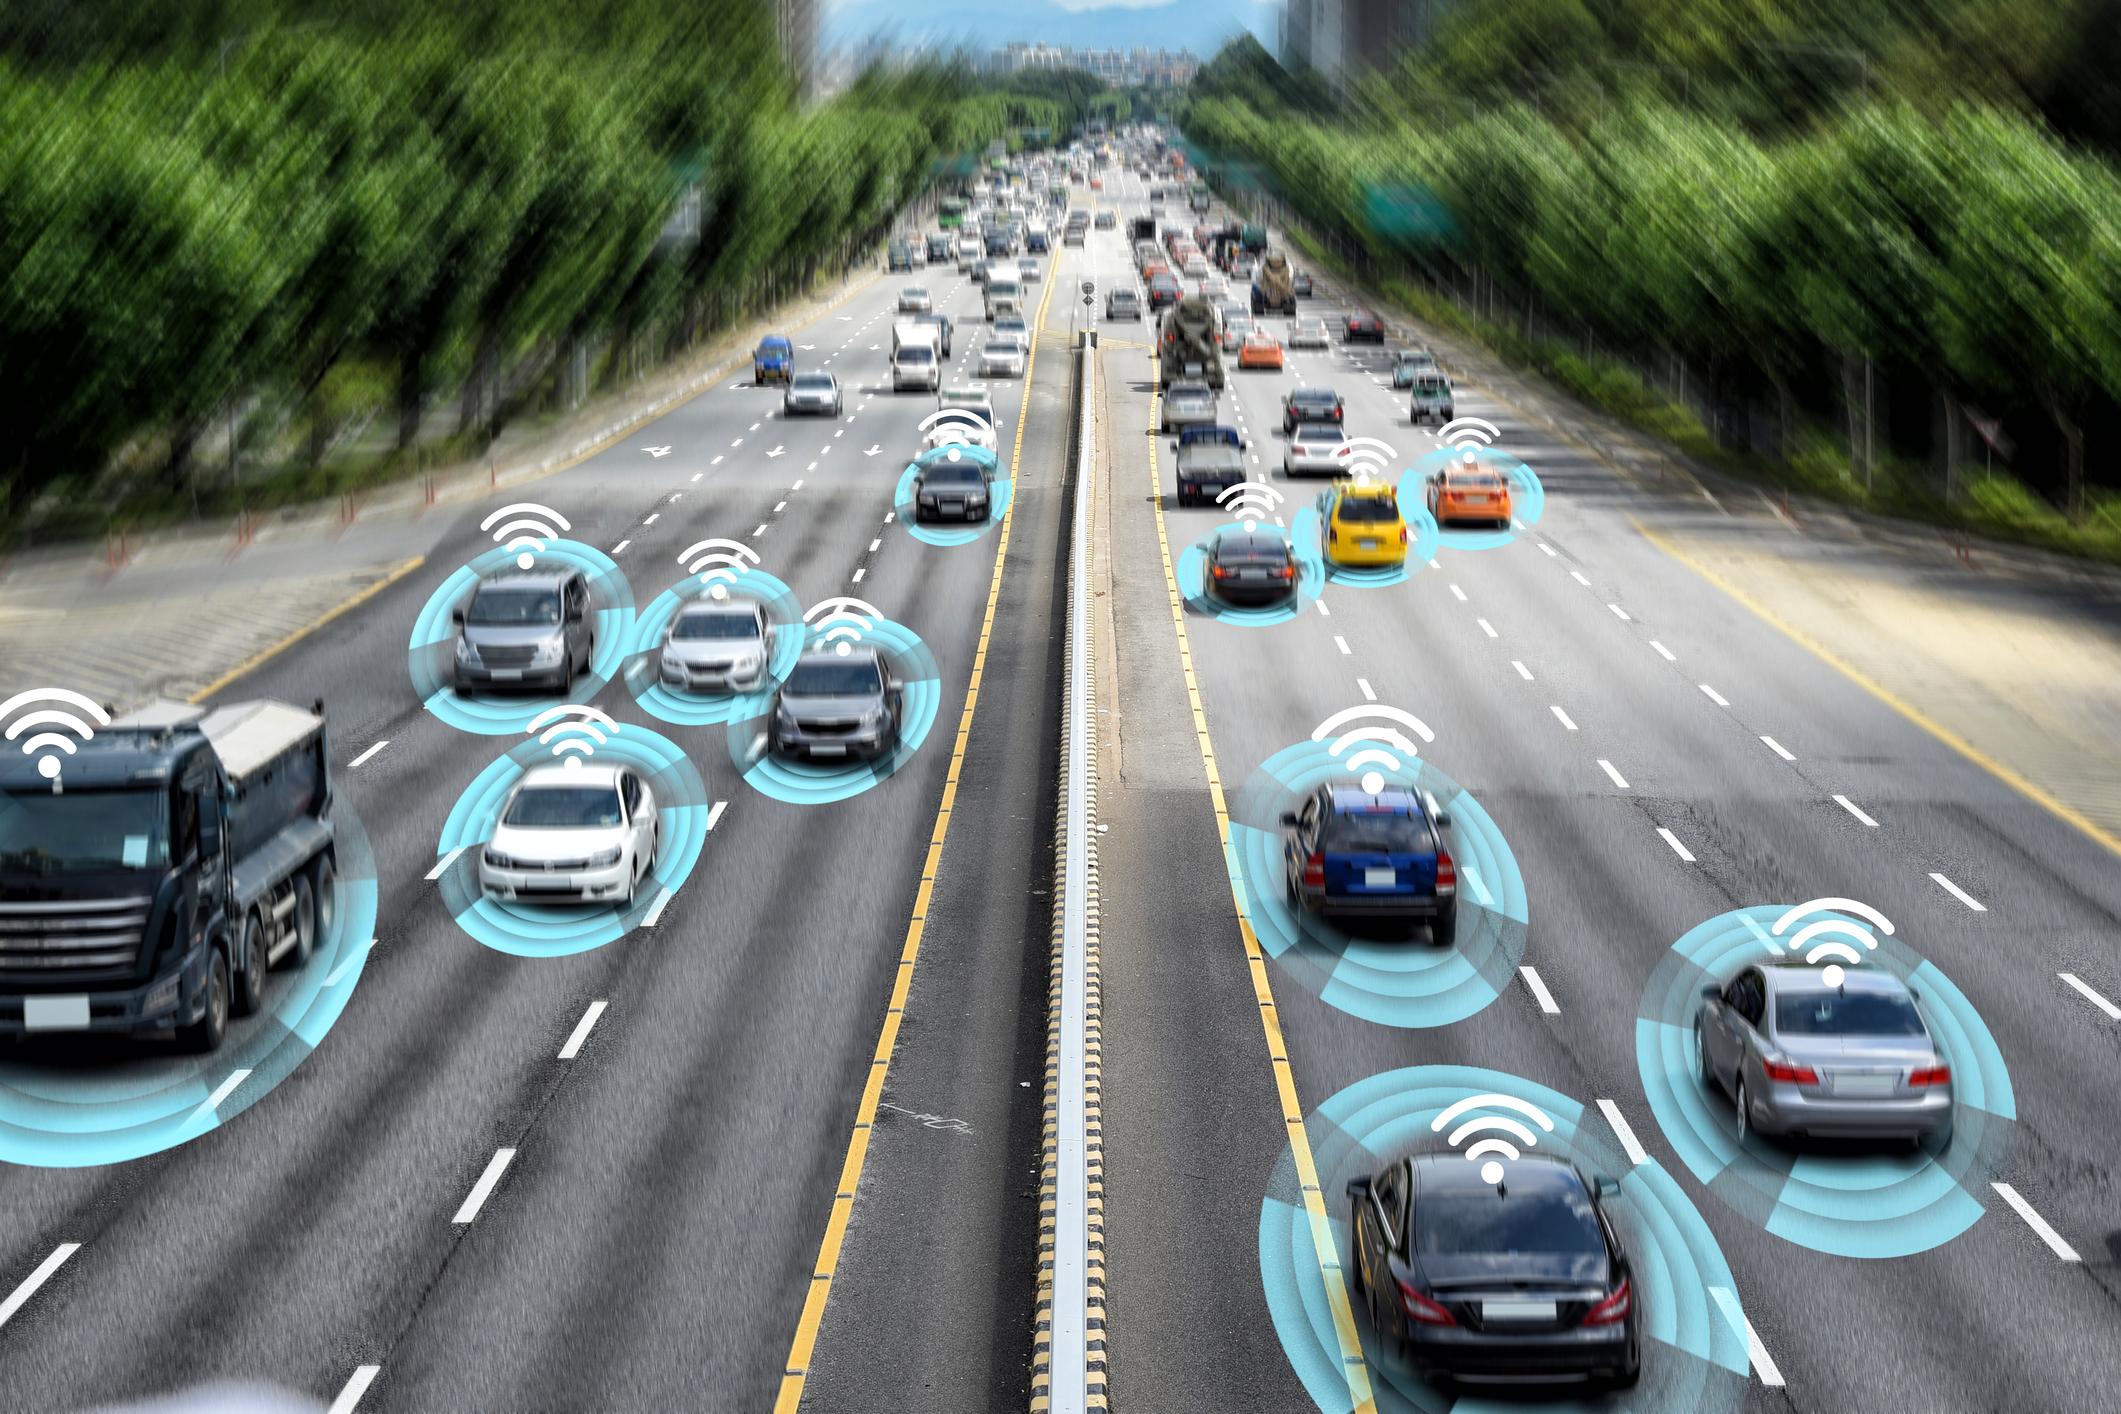 Autonomes Fahren: Wer ist bei Unfällen Schuld? Der Fahrer? Der Programmierer?